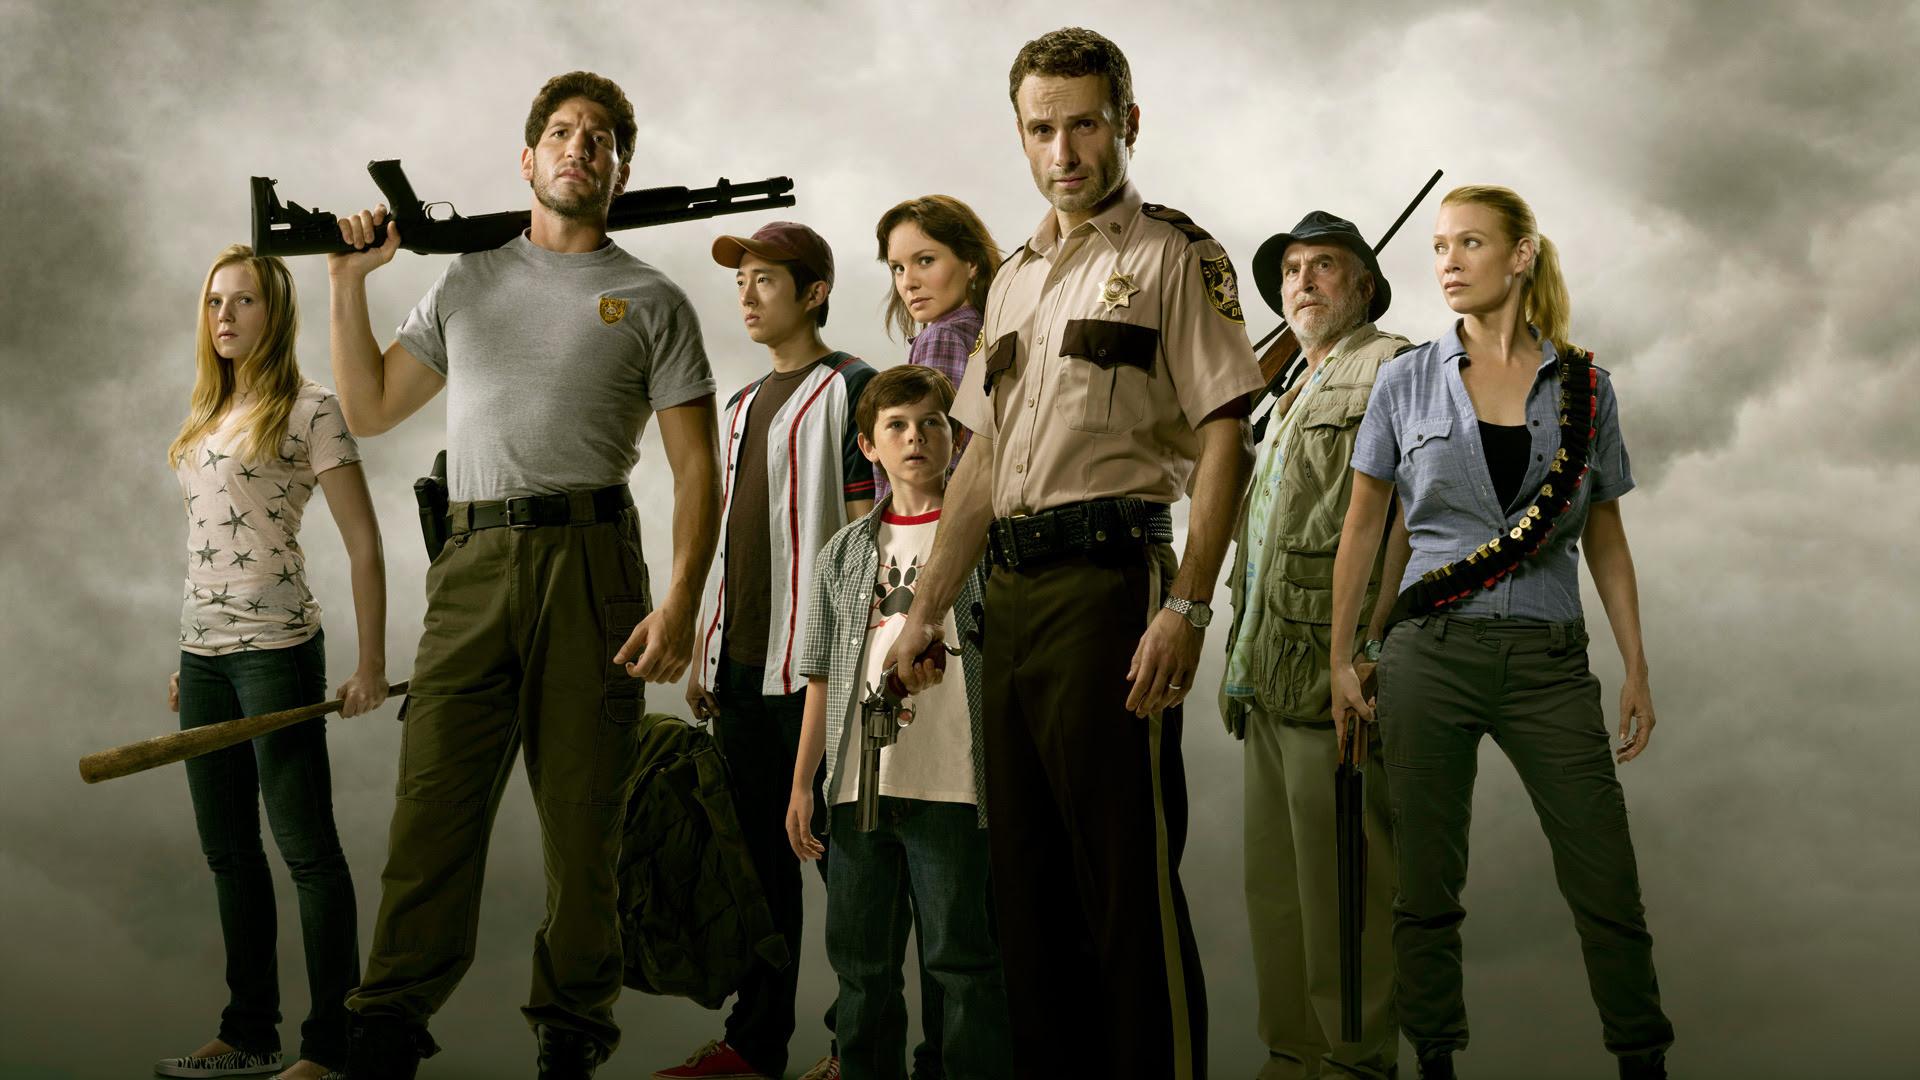 The Walking Dead Wallpaper 1920x1080 82162